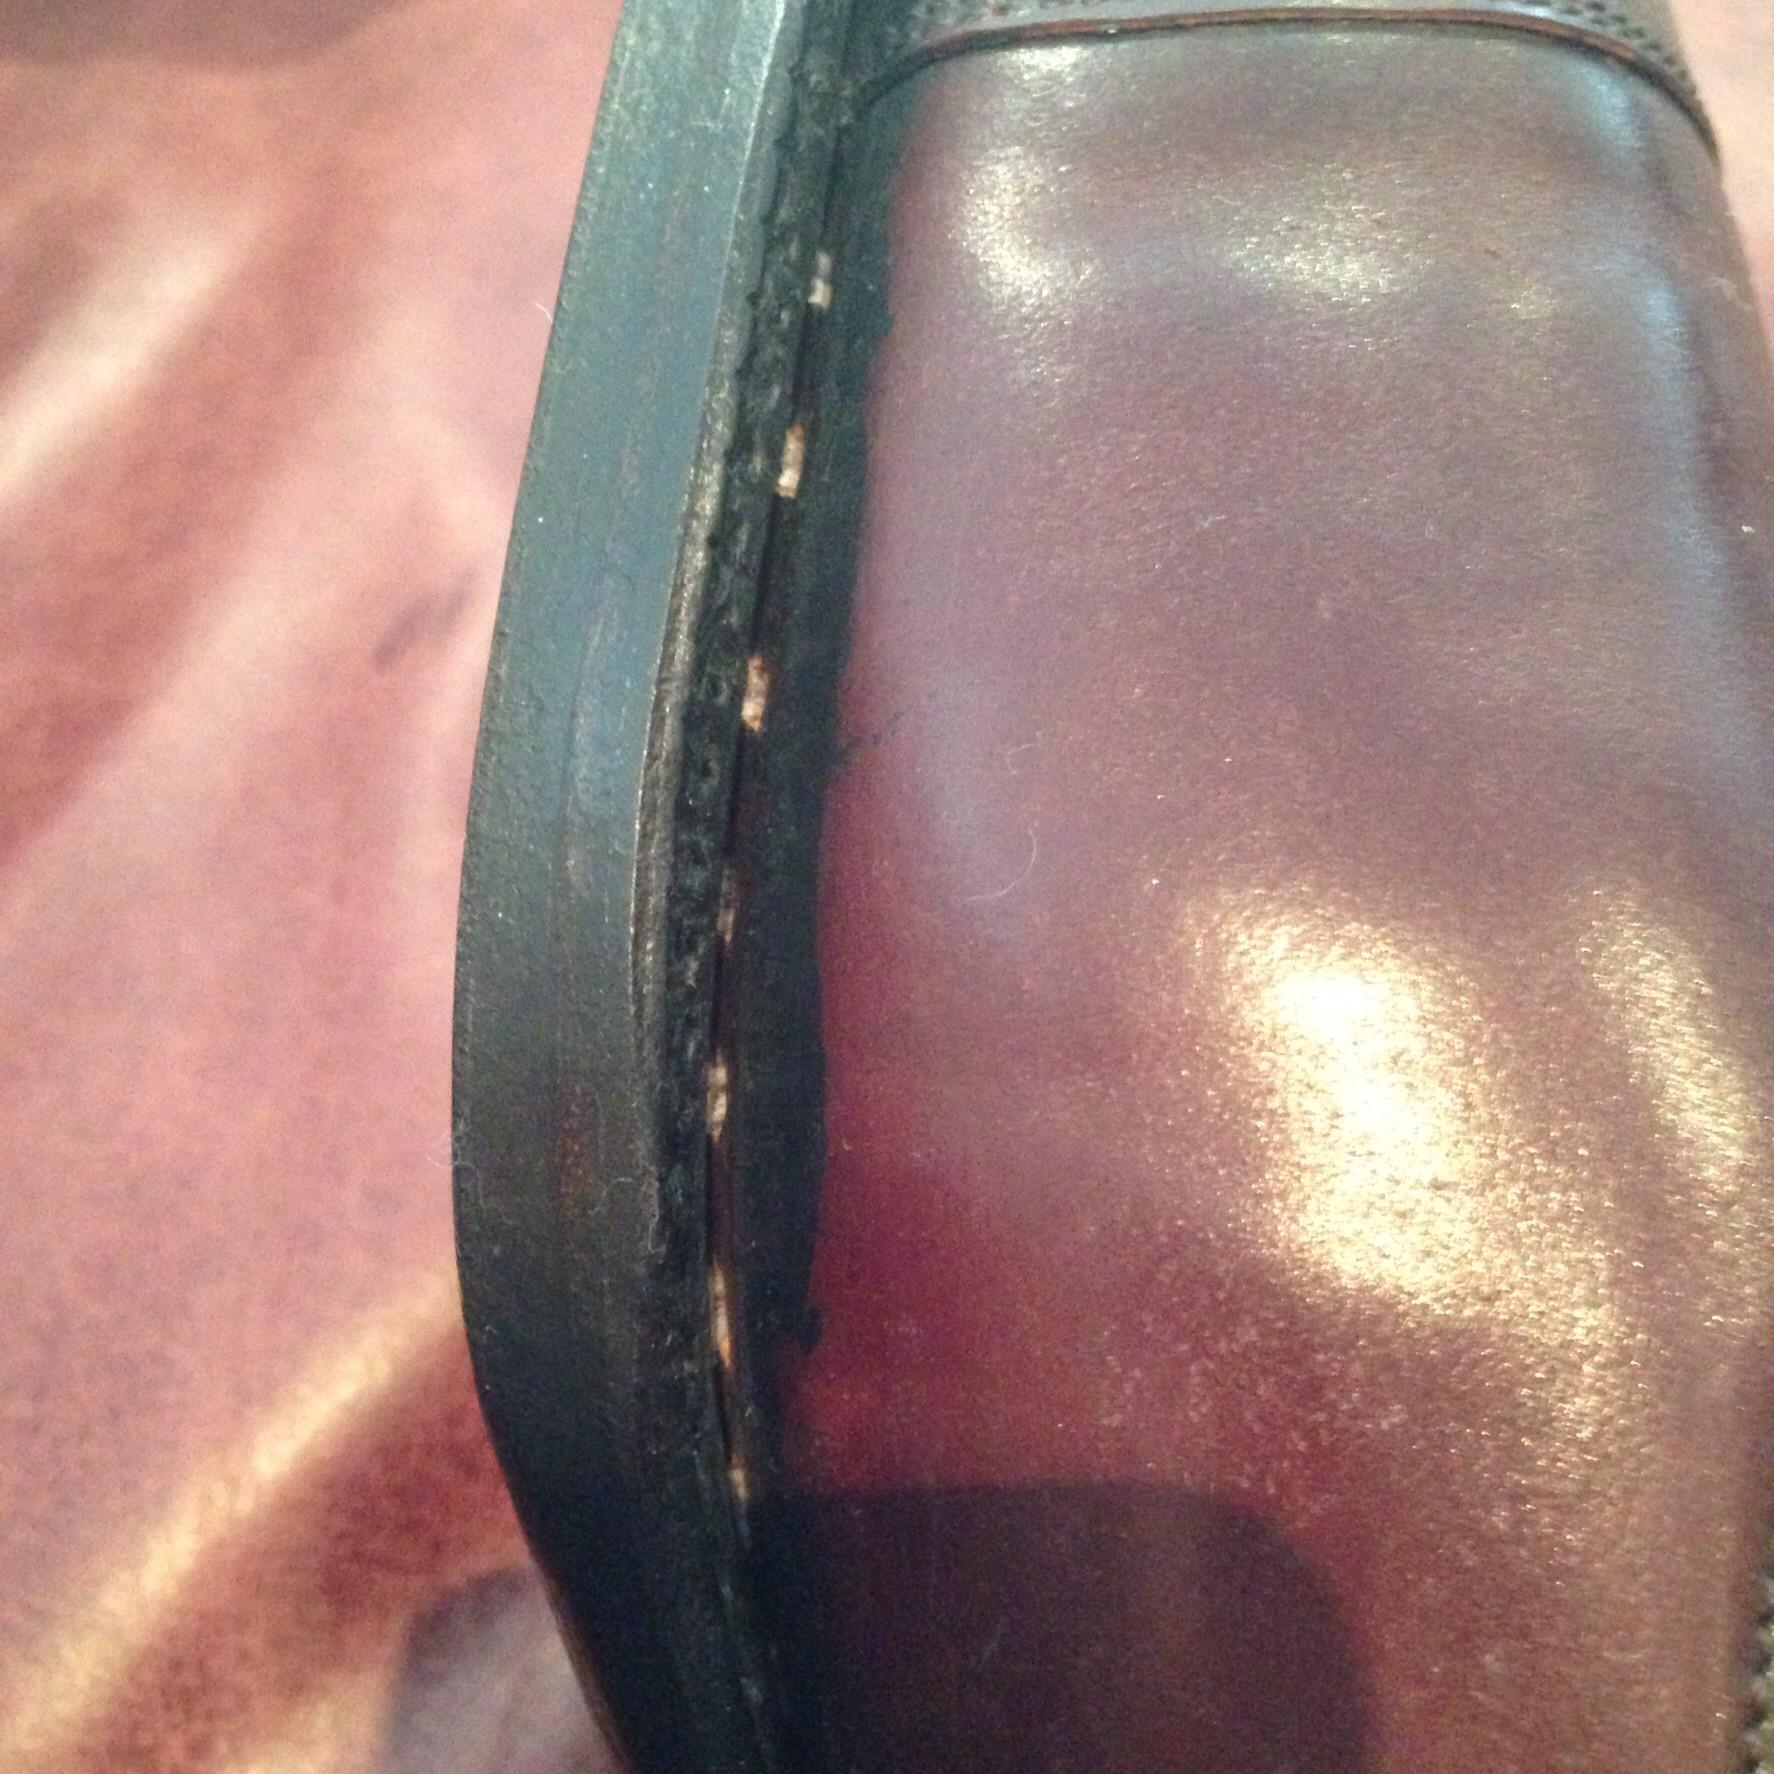 Une couture trépointe Vass particulièrement ratée. La couture de la trépointe doit être invisible, c'est un défaut majeur dans la construction de la chaussure. Une couture trépointe trop lâche fragilise la chaussure et la seule solution est un ressemelage. Il semble que la marque ait poussé le vice à essayer de cacher la trépointe en appliquant un coup de déforme (une mixture de teinture et de cire pour la lisse). (Source : Reddit)